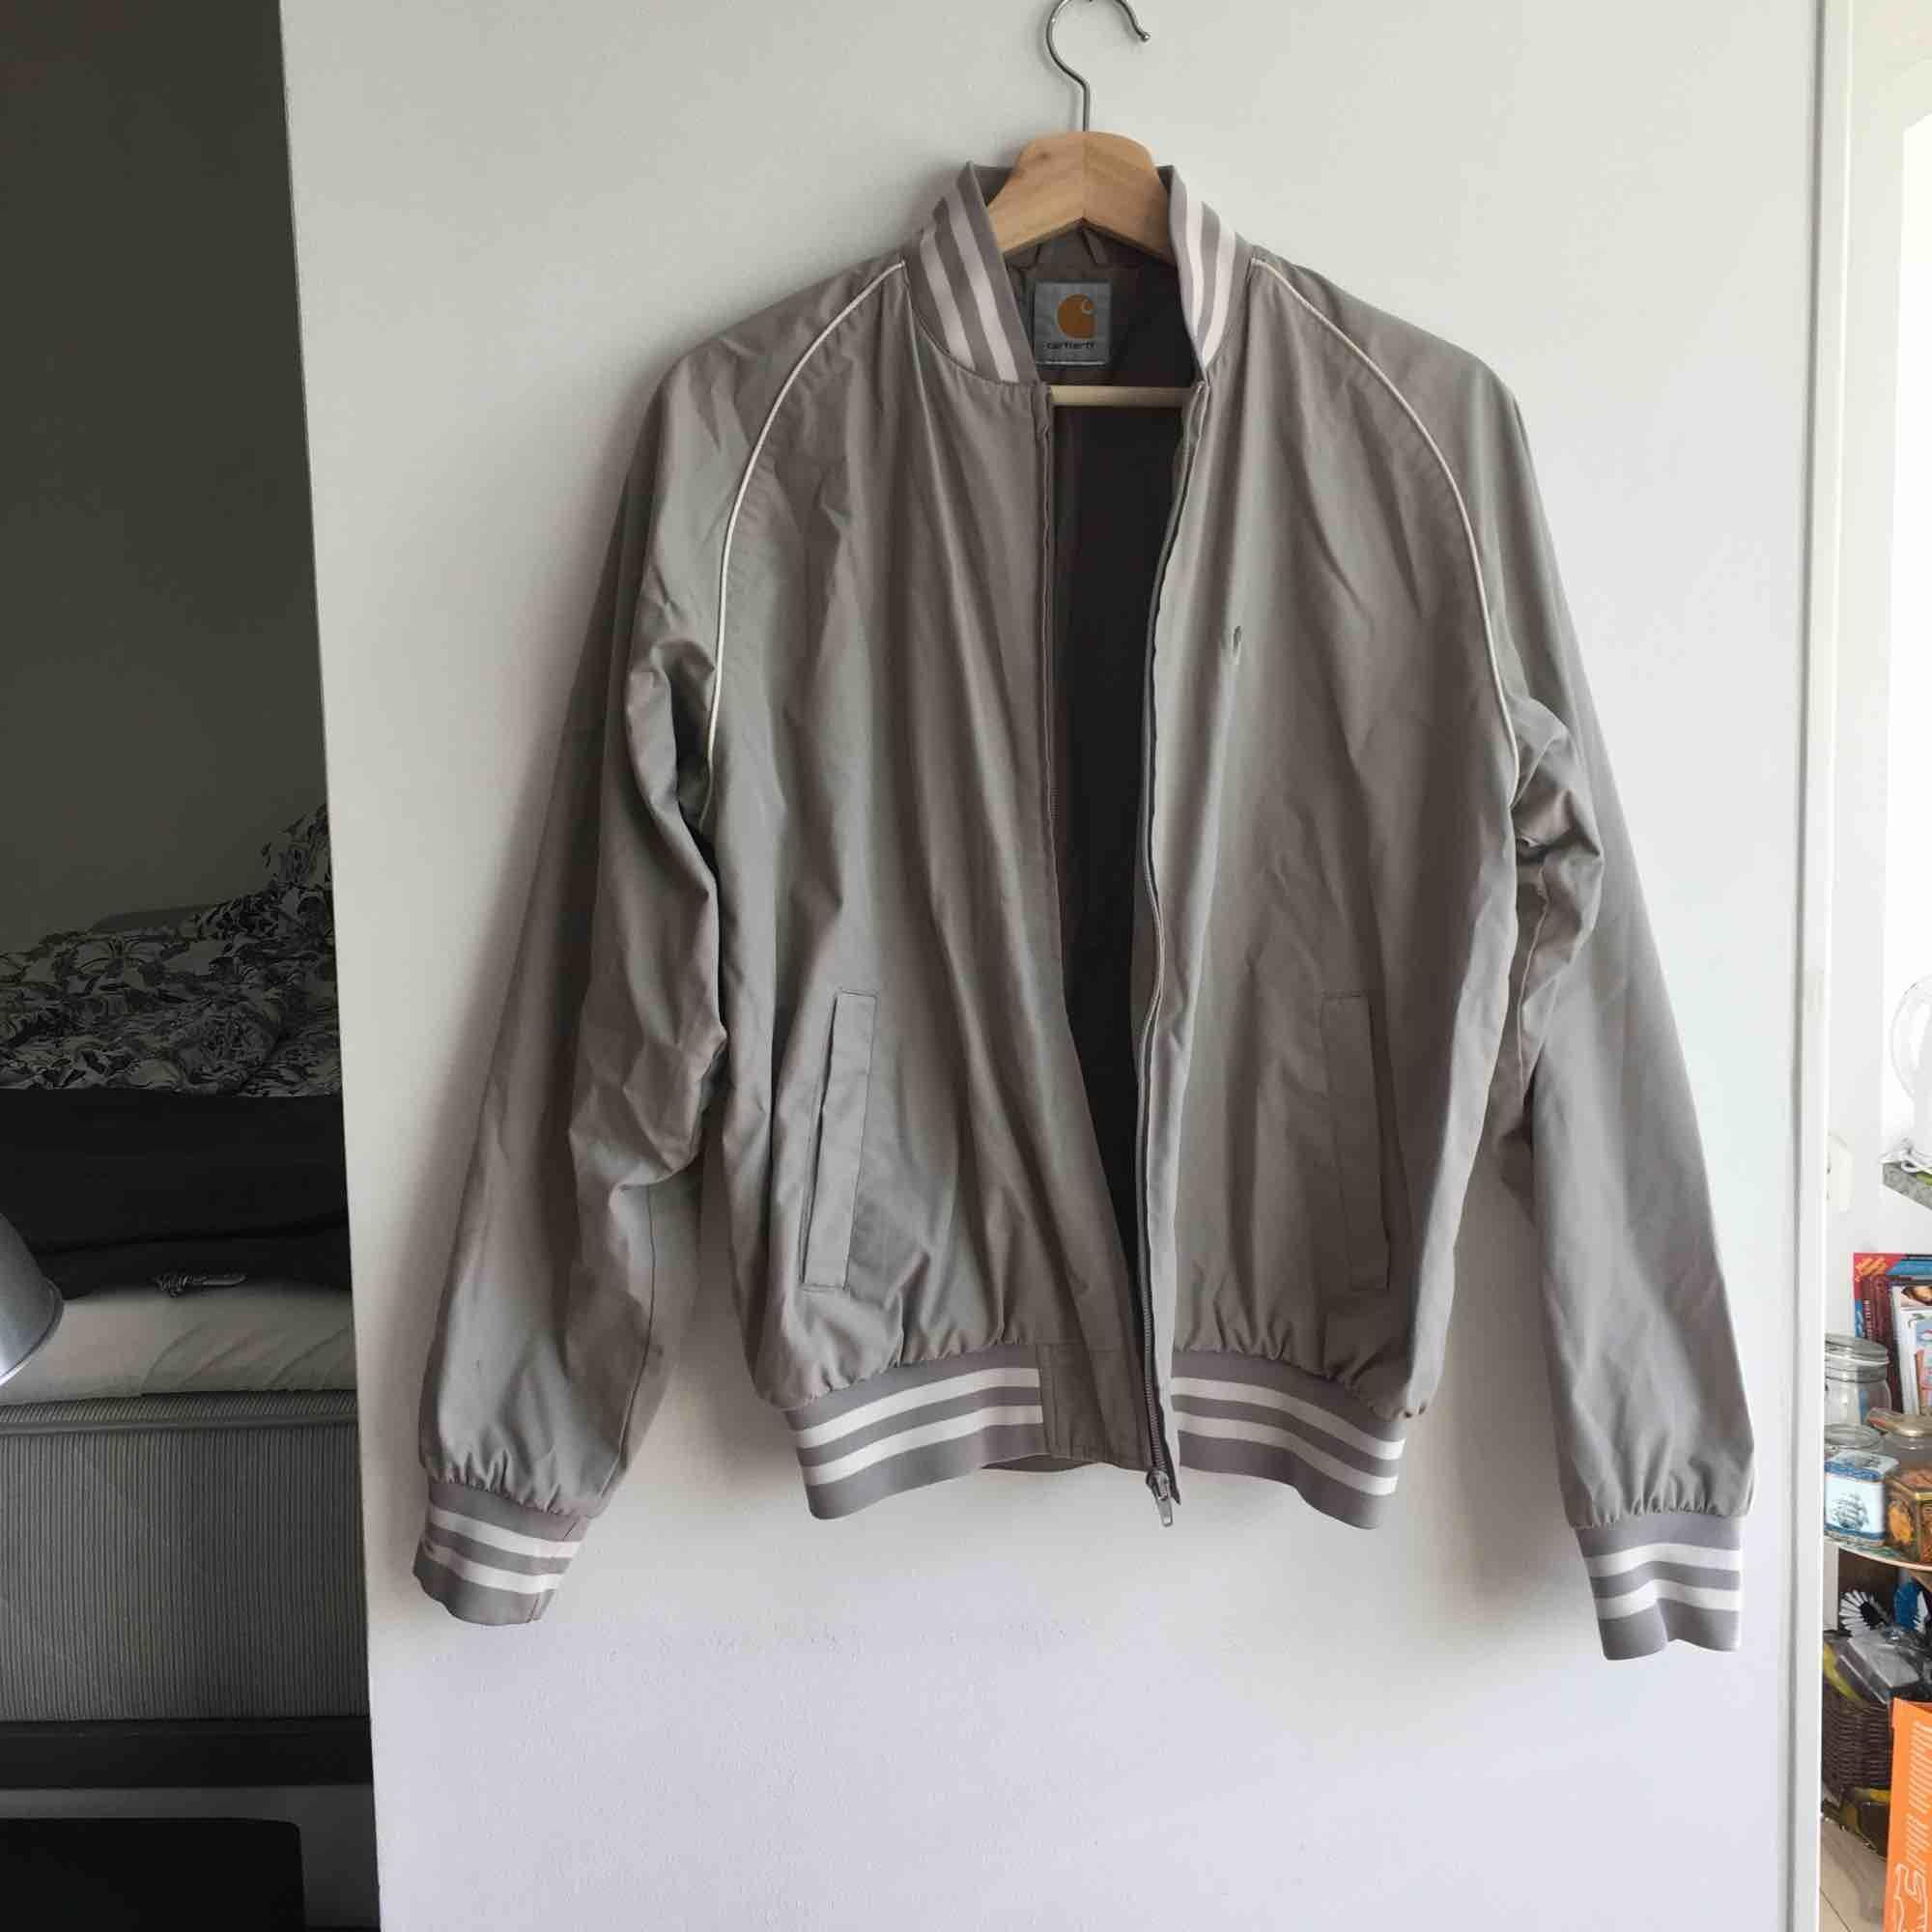 Säljer min pojkväns gamla jacka i bomber-stil som blivit för liten. Är i gott skick men har kol-fläckar på ena armen (kan ev gå bort i kemtvätt). Köpare står för frakt/vi möts upp i Malmö 🍁. Jackor.